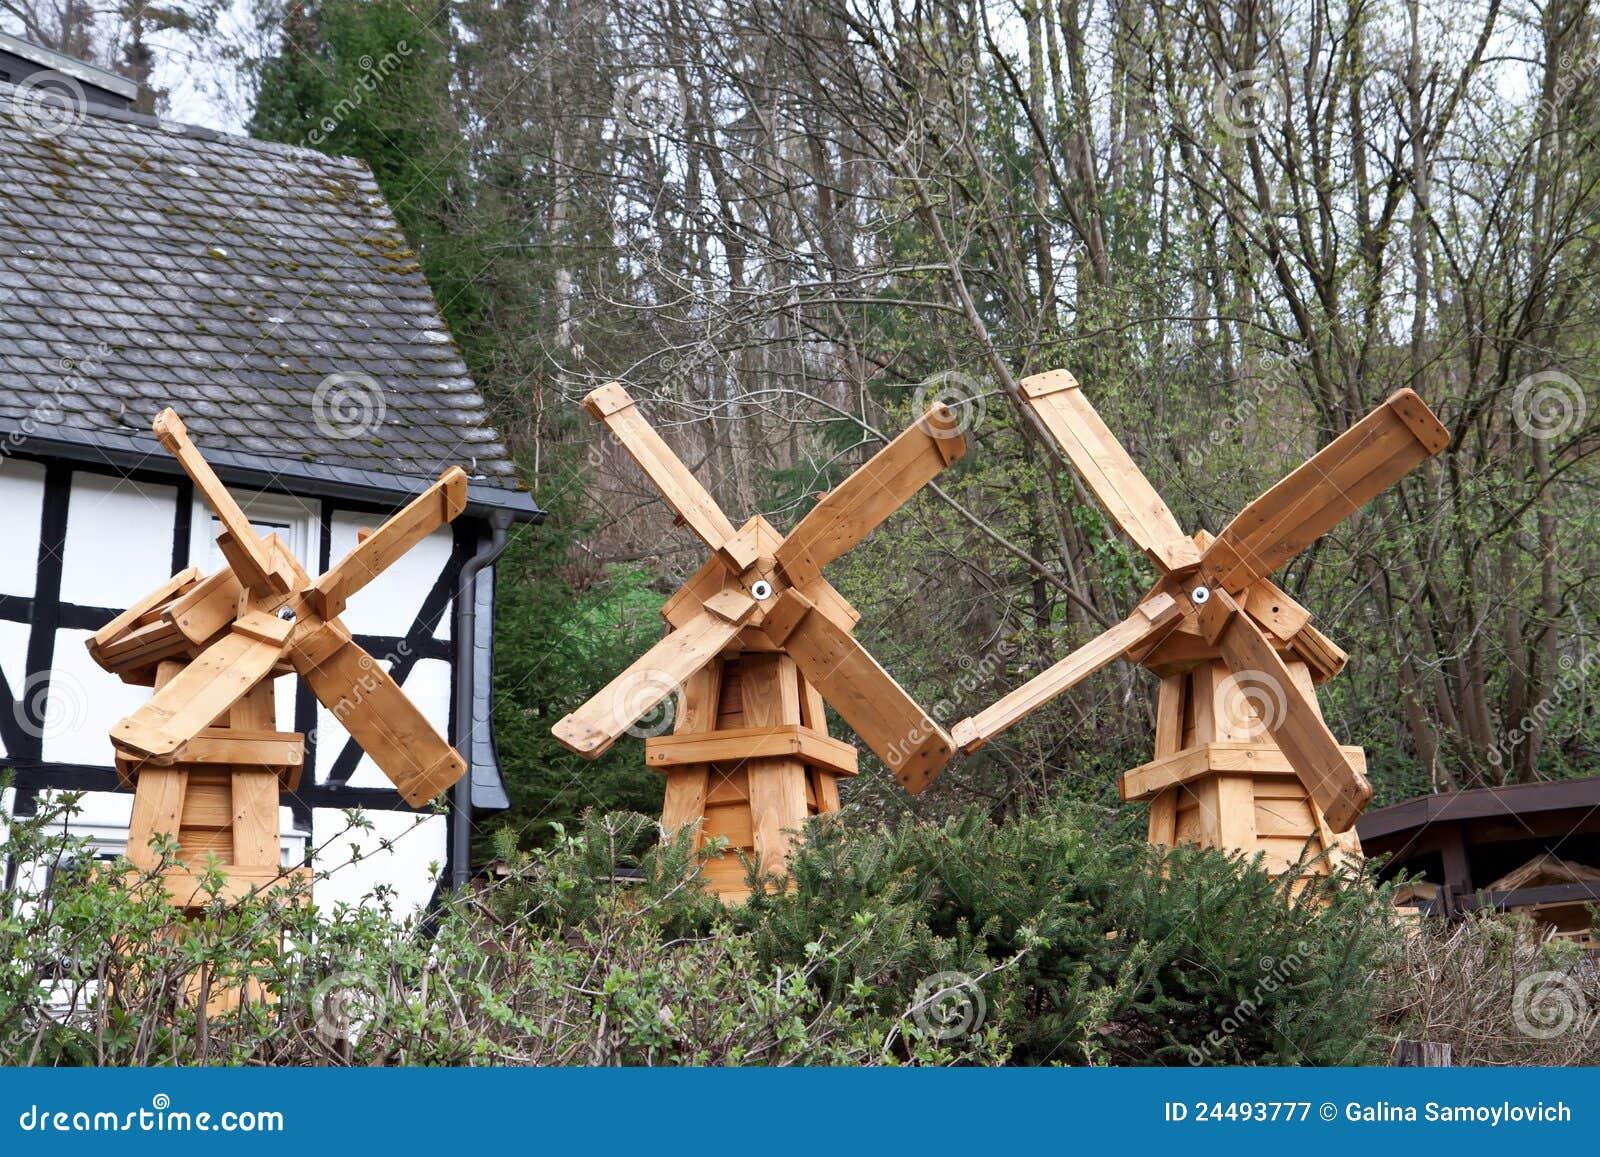 Moulin en bois d coratif image stock image du wooden 24493777 - Moulin a vent en bois a fabriquer ...